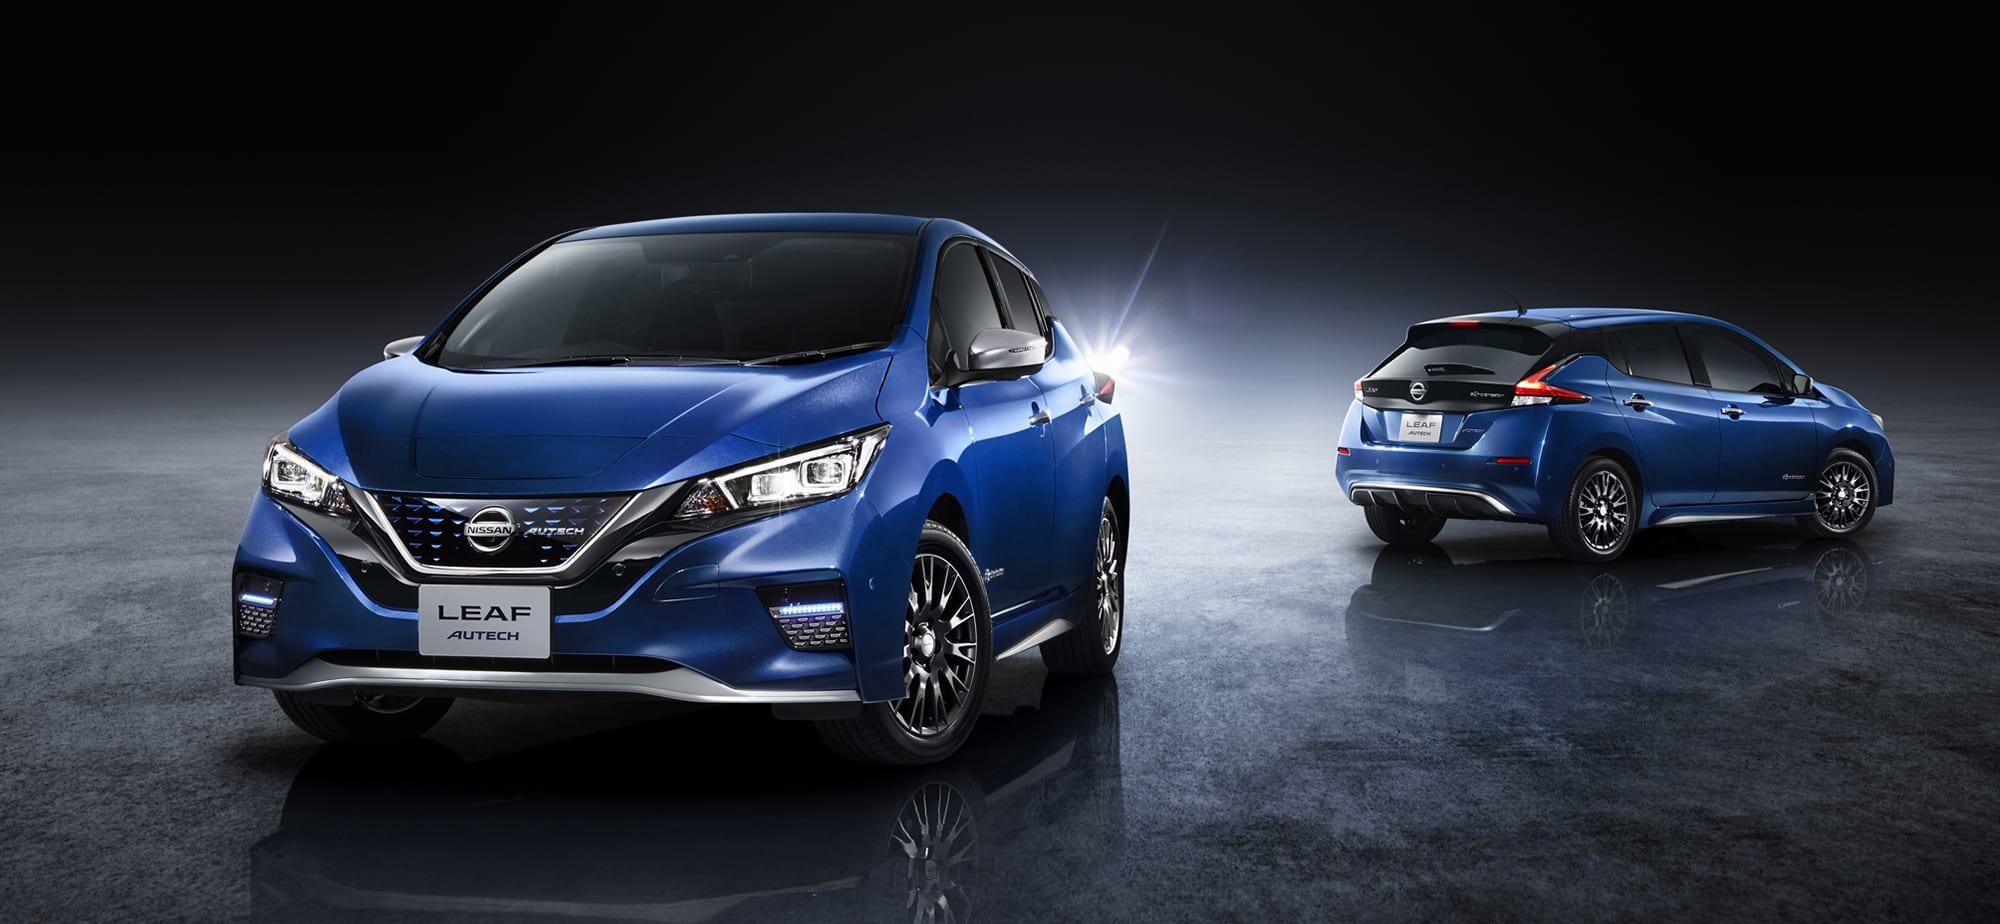 Nissan Leaf Autech กับคอนเซ็ปสวยดุ พร้อมขายแล้วประเทศญี่ปุ่นในเดือนมิถุนายน 1